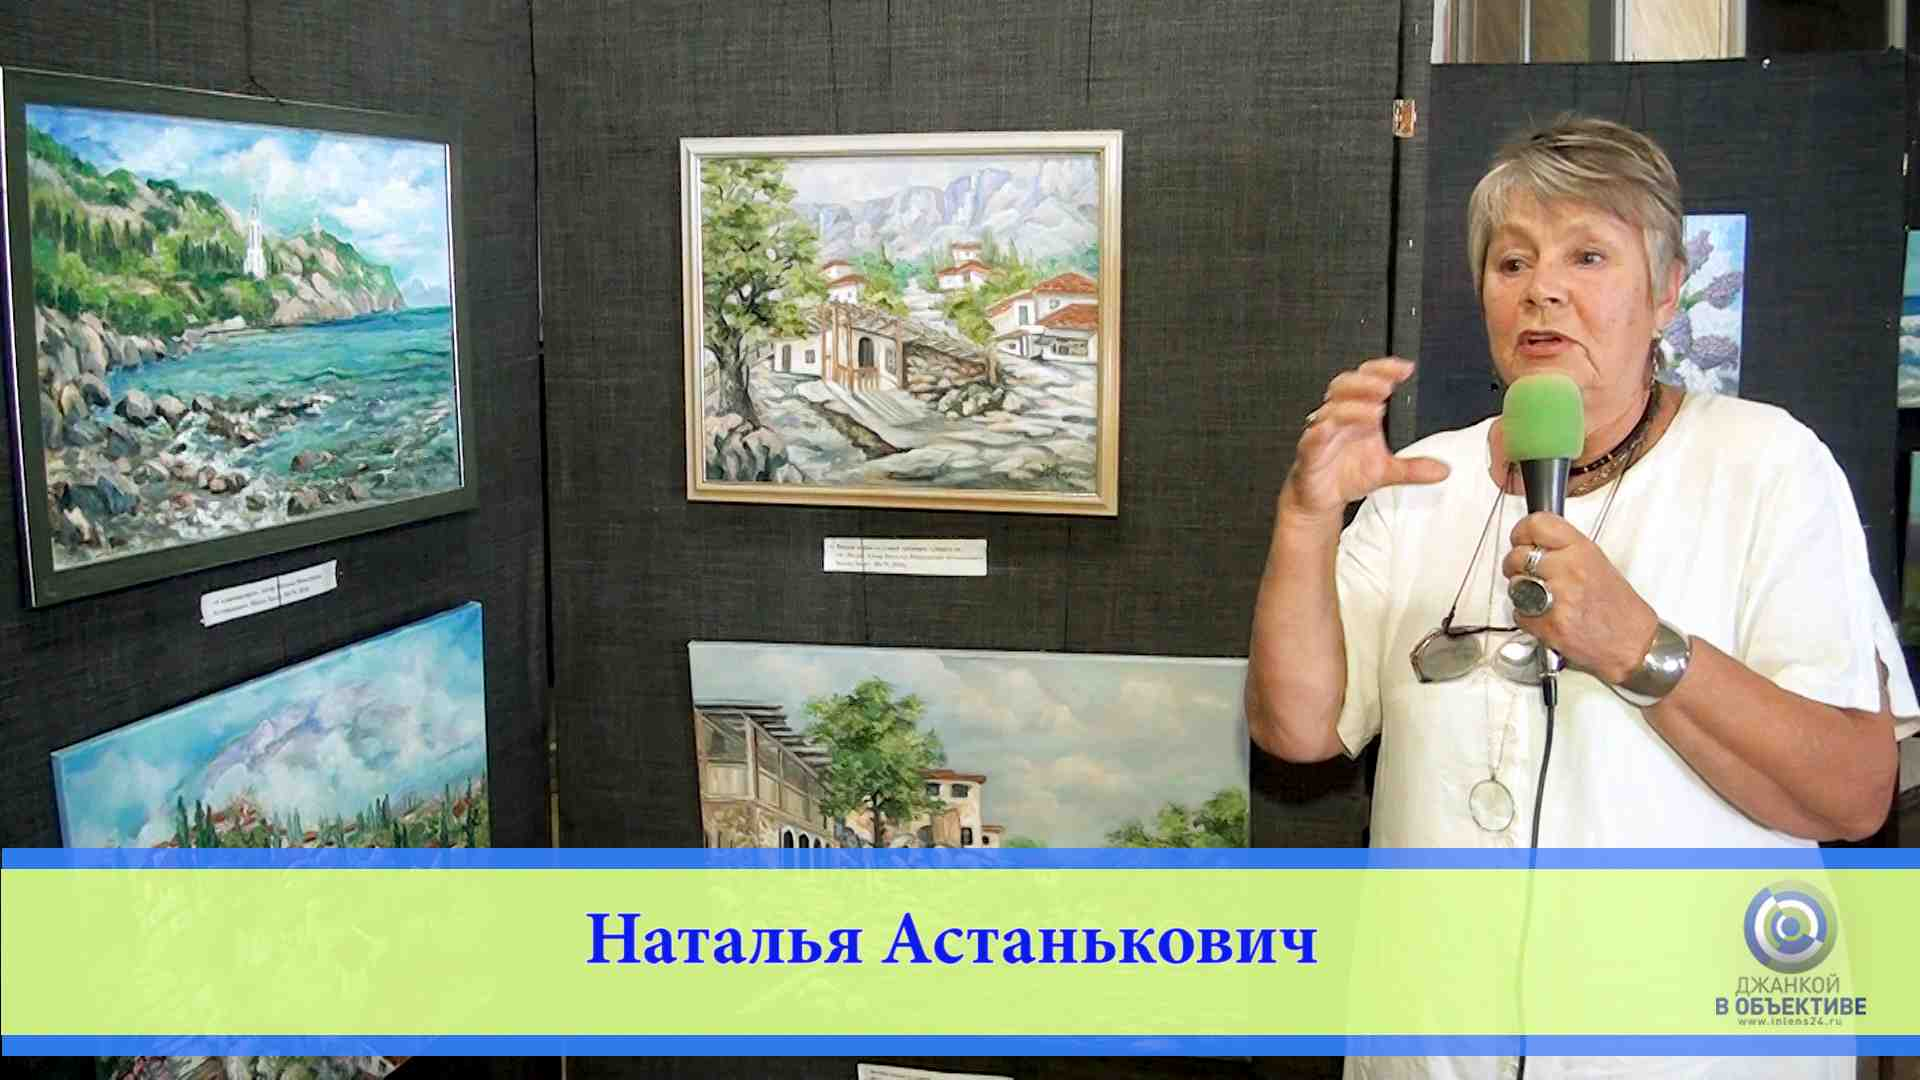 Крым - мой дом. Наталья Астанькович